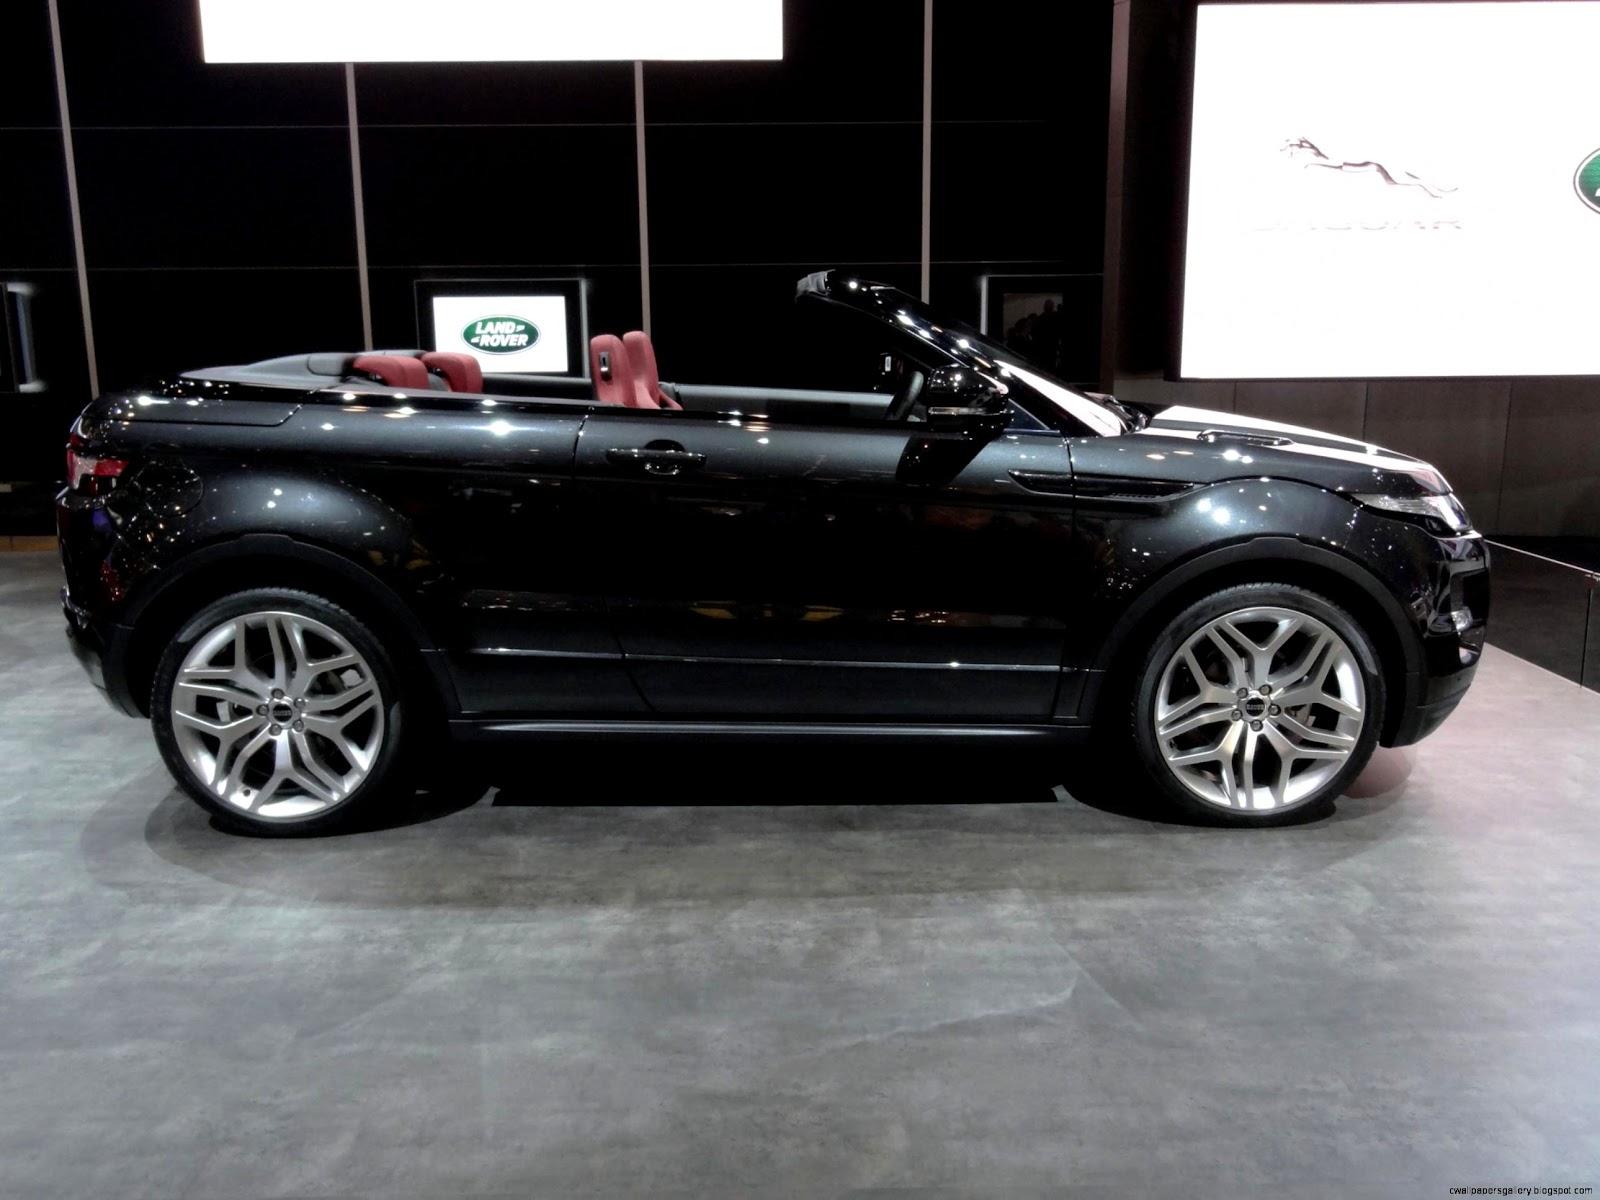 2012 Range Rover Evoque Convertible